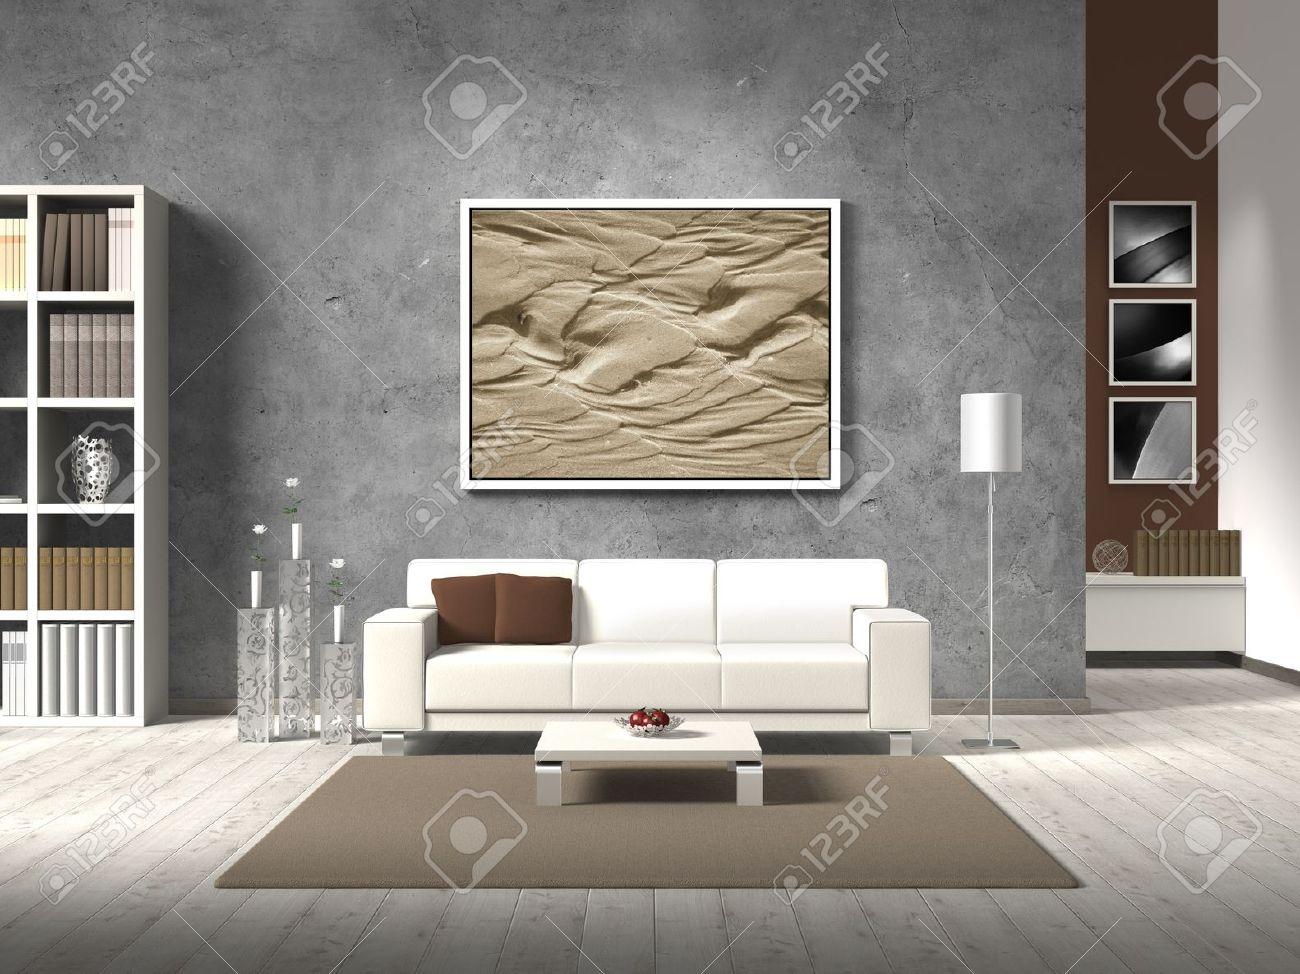 moderne fiktive wohnzimmer mit weißen sofa und kopieren sie platz ... - Wohnzimmer Bilder Fr Hintergrund